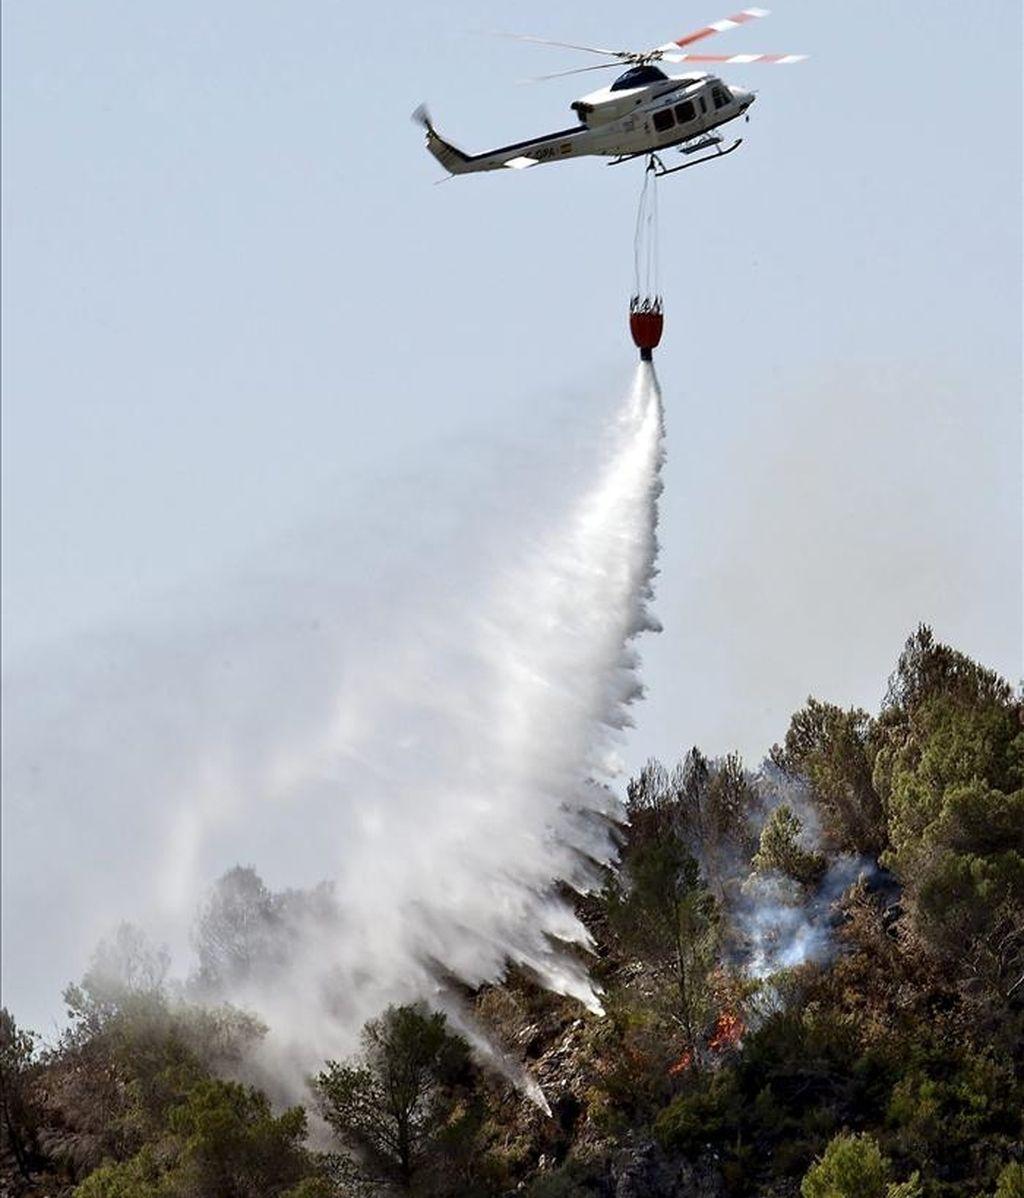 Un helicóptero arroja agua cerca de la población valenciana de Rótova tras el incendio declarado ayer en Benicolet, que anoche se dirigía hacia el paraje de Marxuquera y obligó al desalojo de varias viviendas. EFE